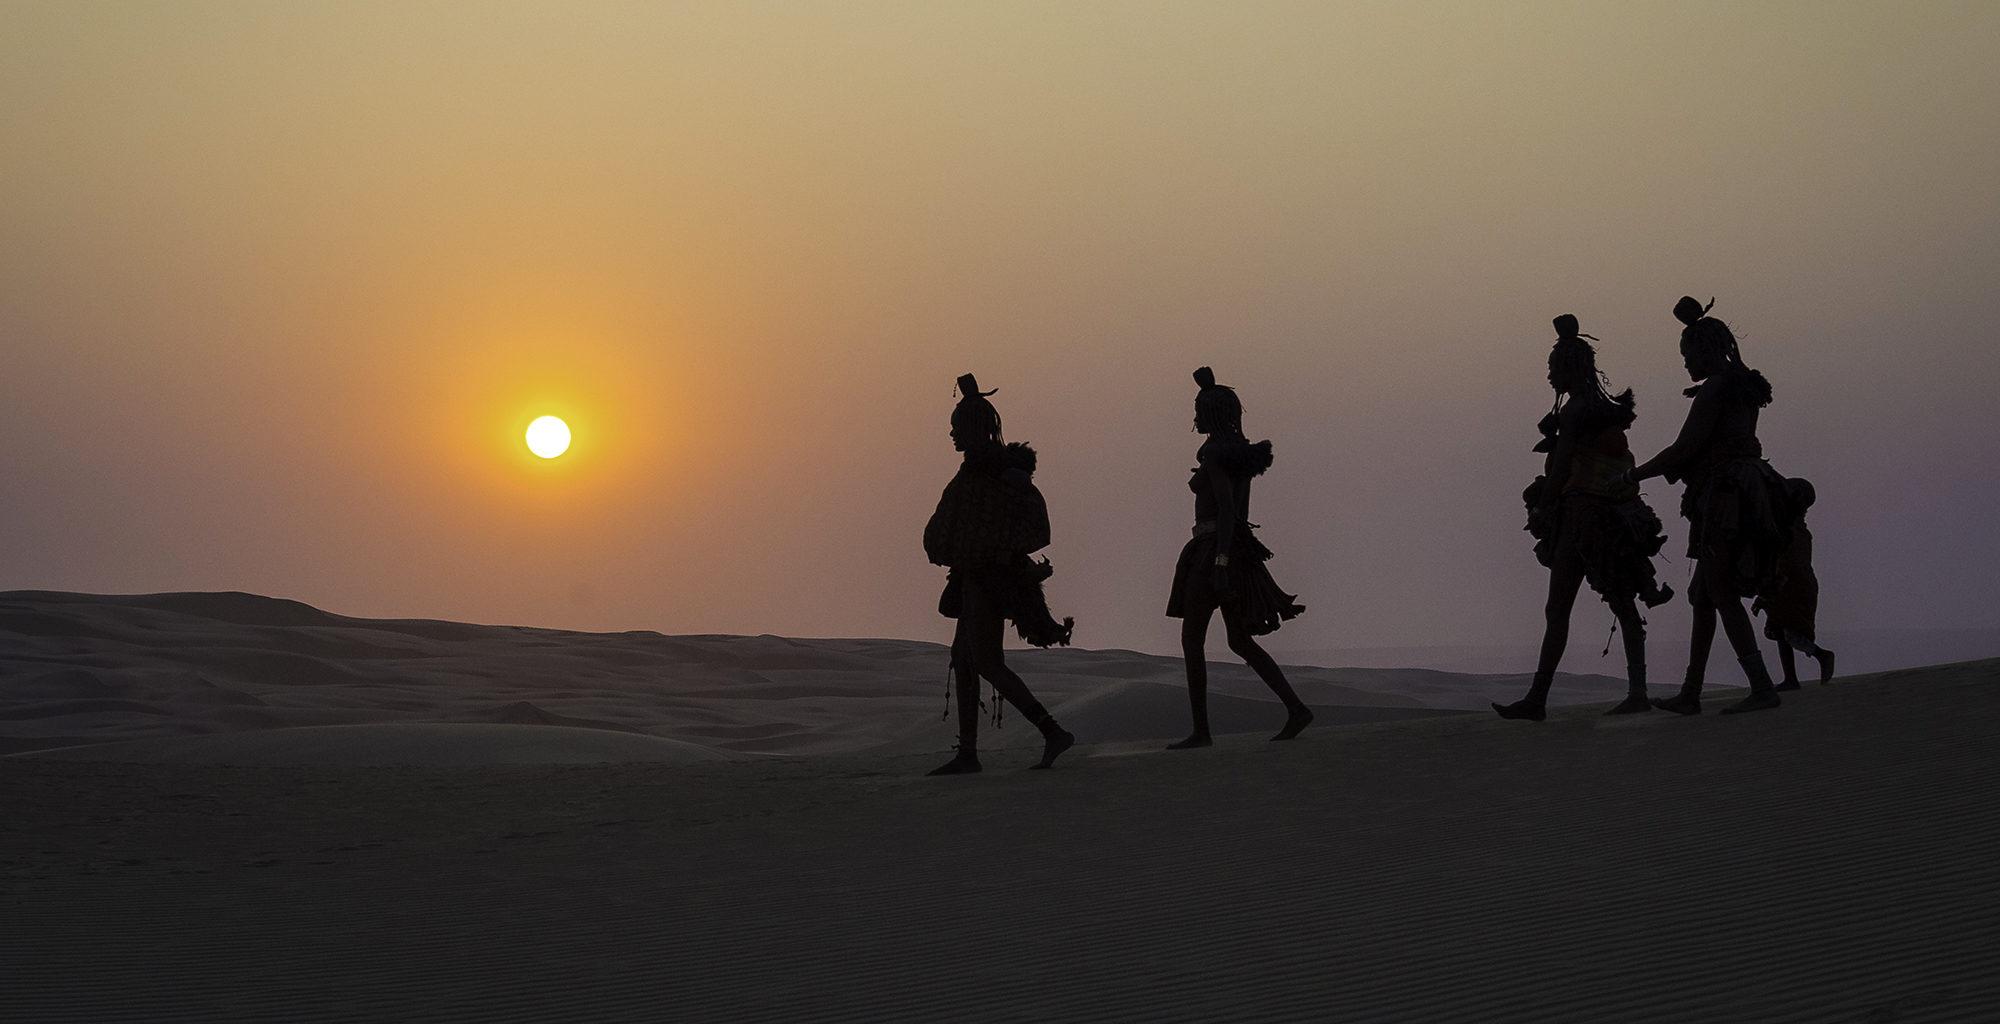 Namibia-Kaokoland-Sunset-Walking